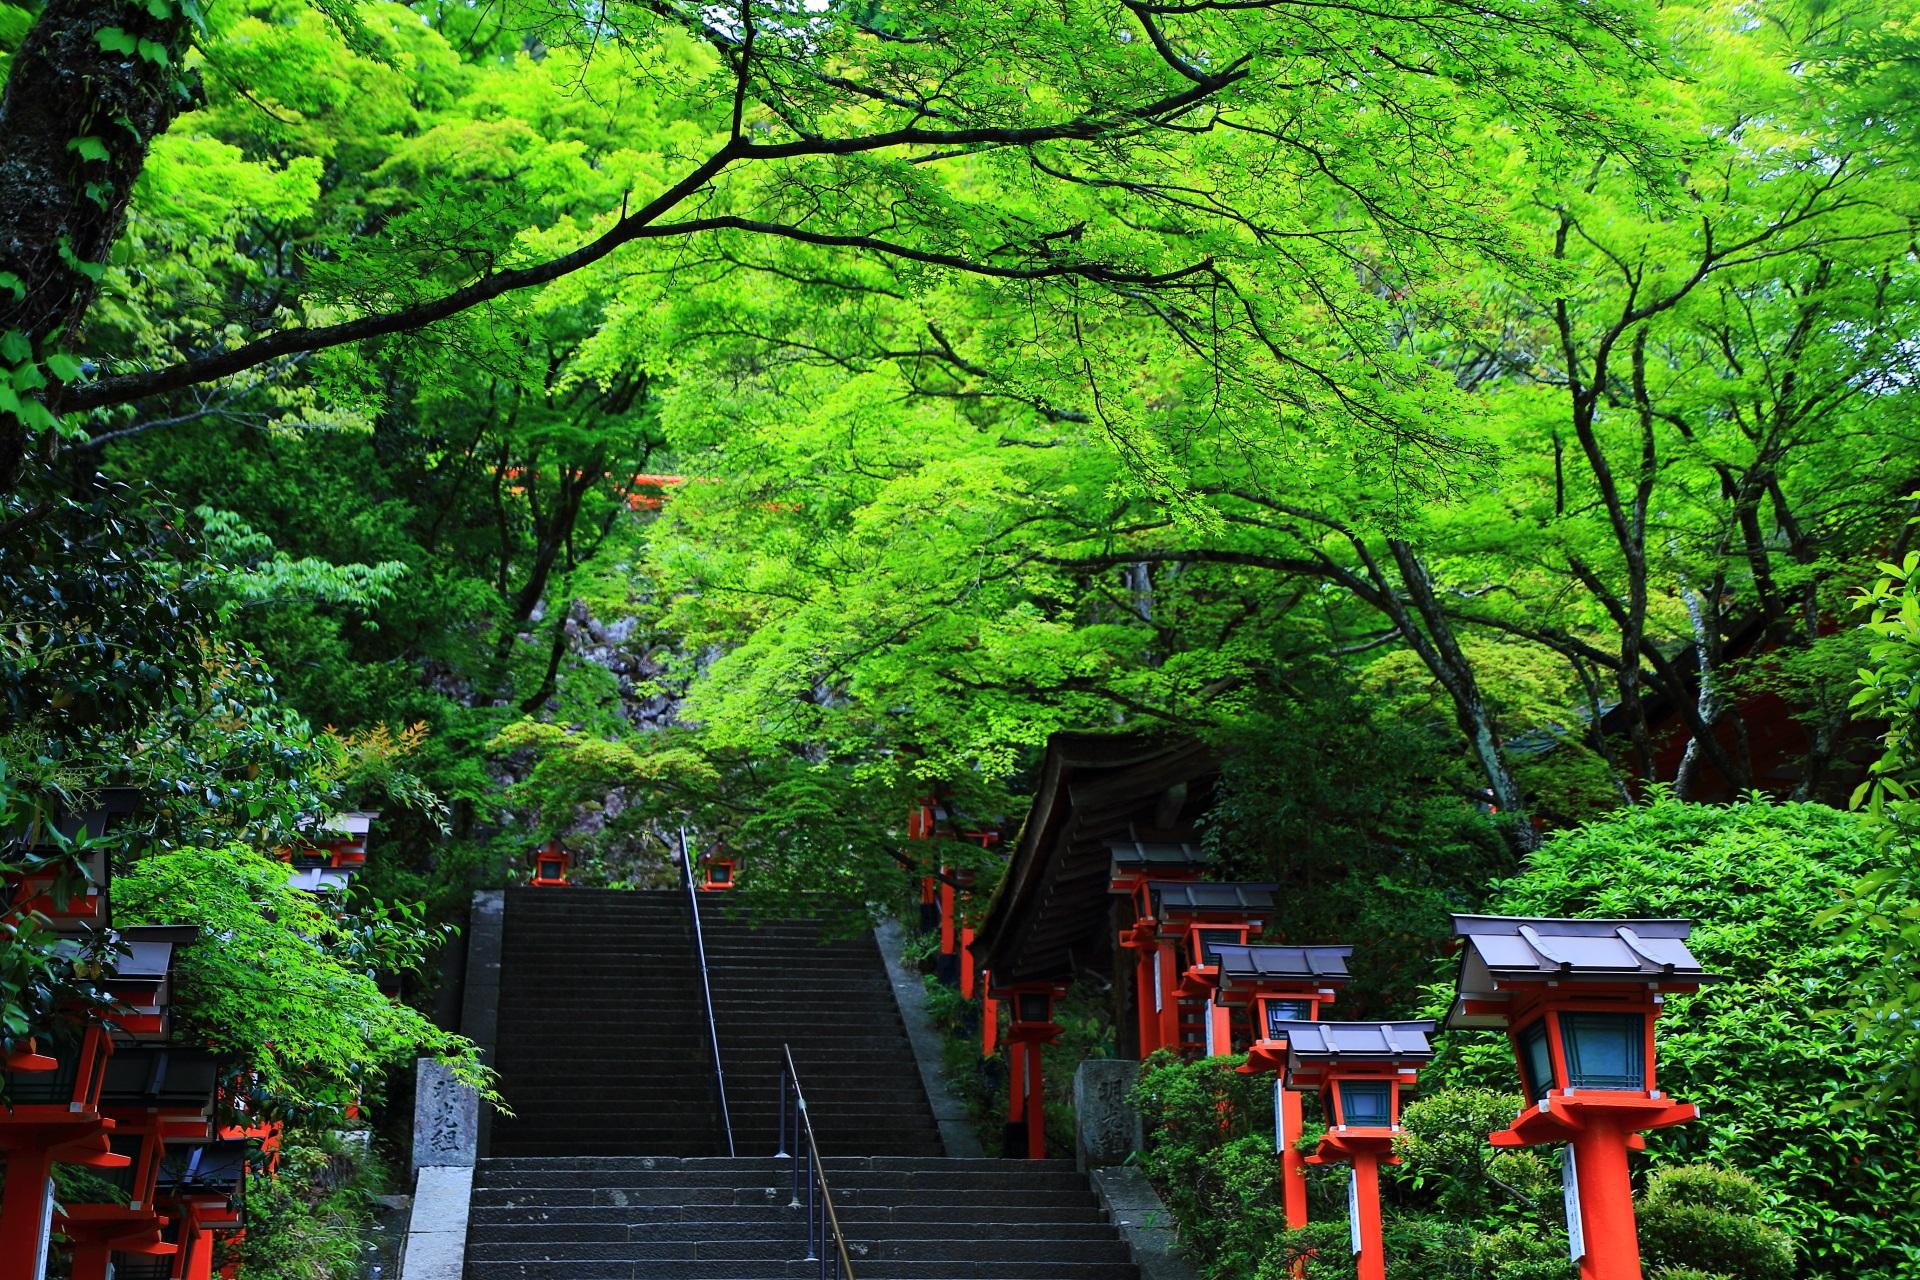 鞍馬寺 新緑 自然の中の深く鮮やかな春の彩り